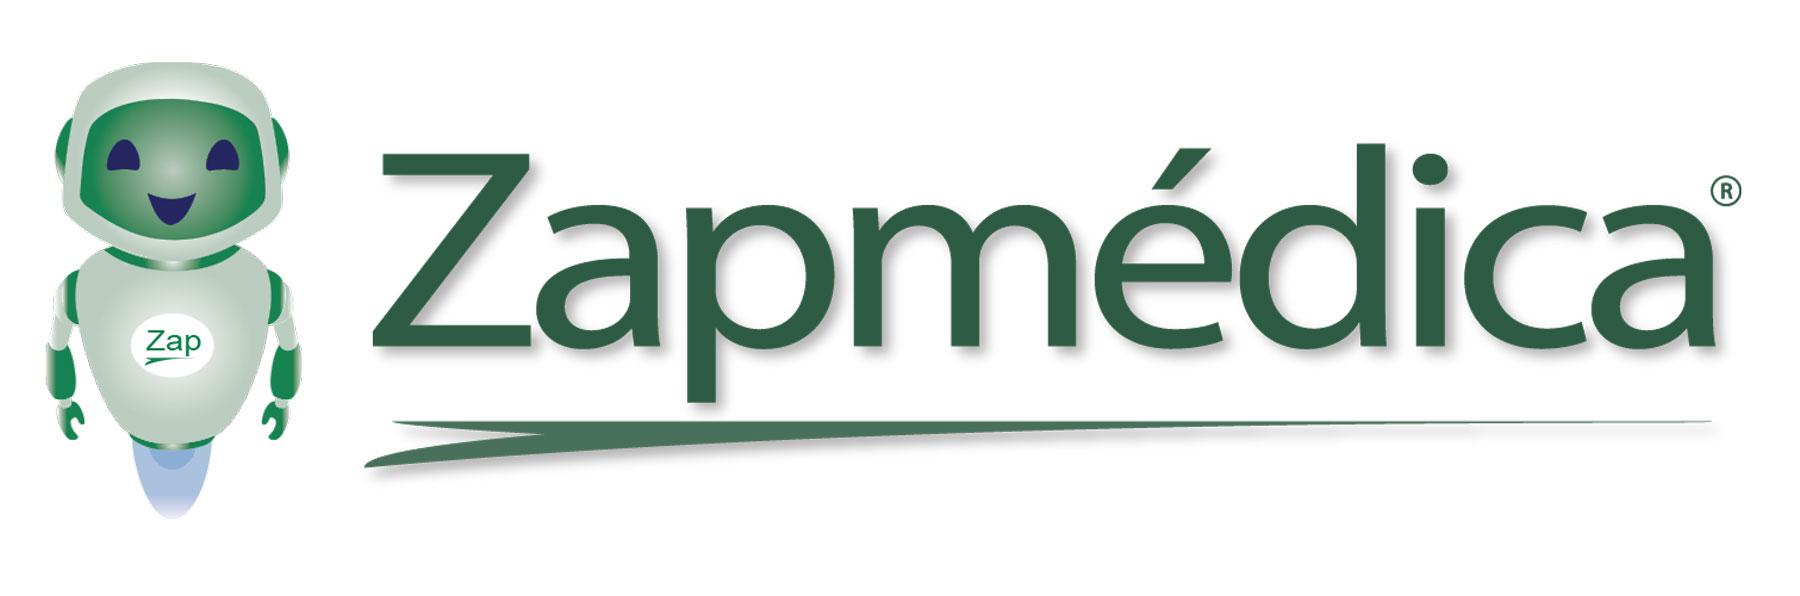 Zapmédica Produtos e Equipamentos Para Saúde